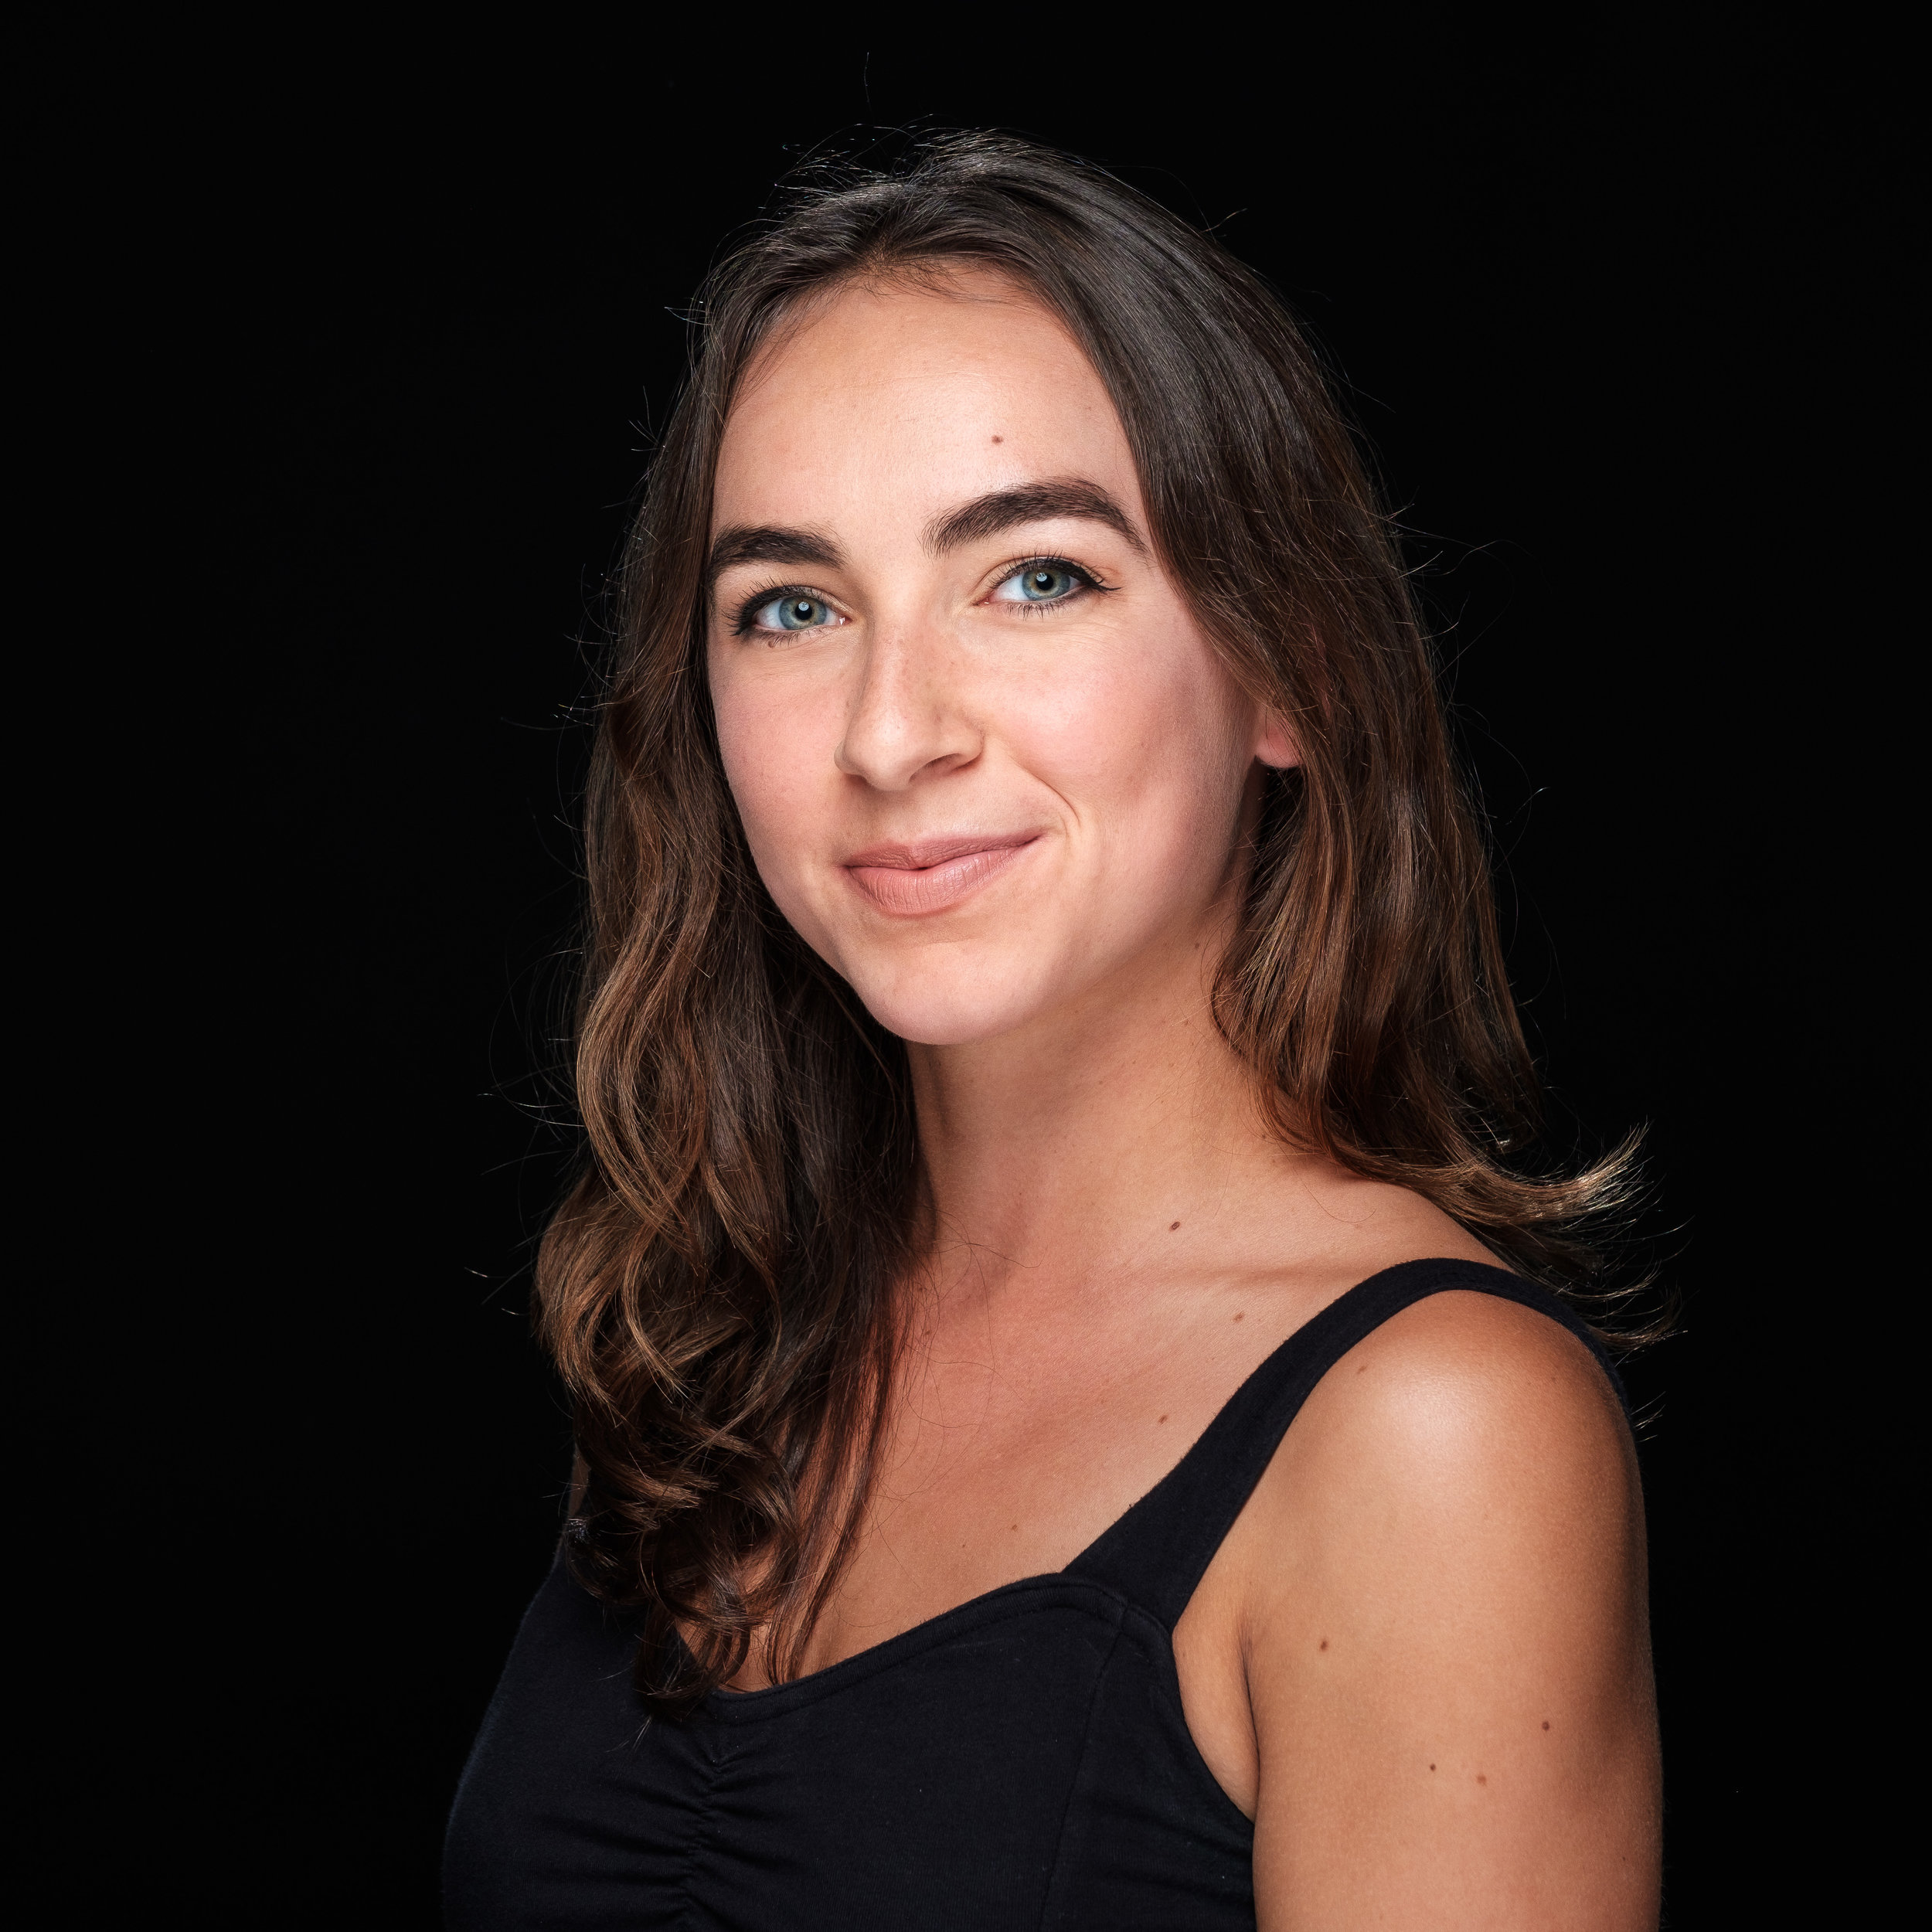 Haley Kittleson